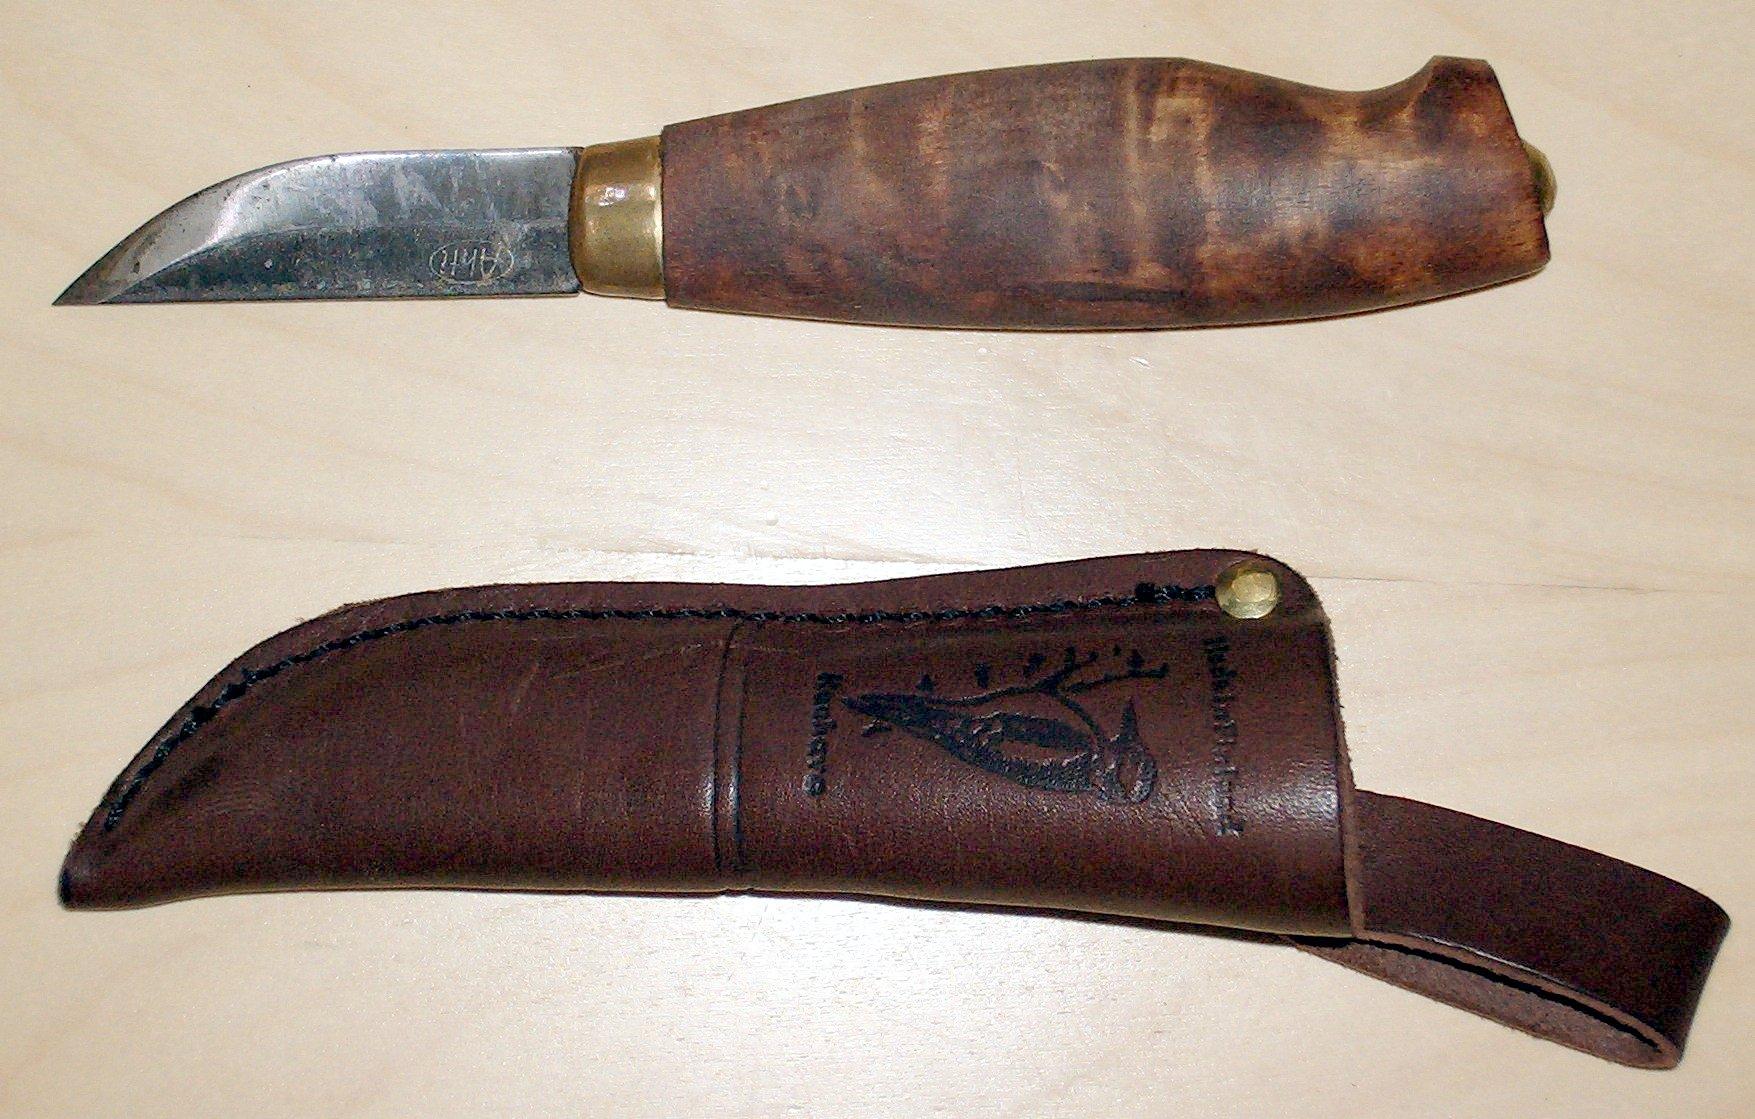 Чаще всего лезвия ножей из такой стали кованные.  Нержавеющая сталь также может коваться (люди типа Шона МакВильямса...